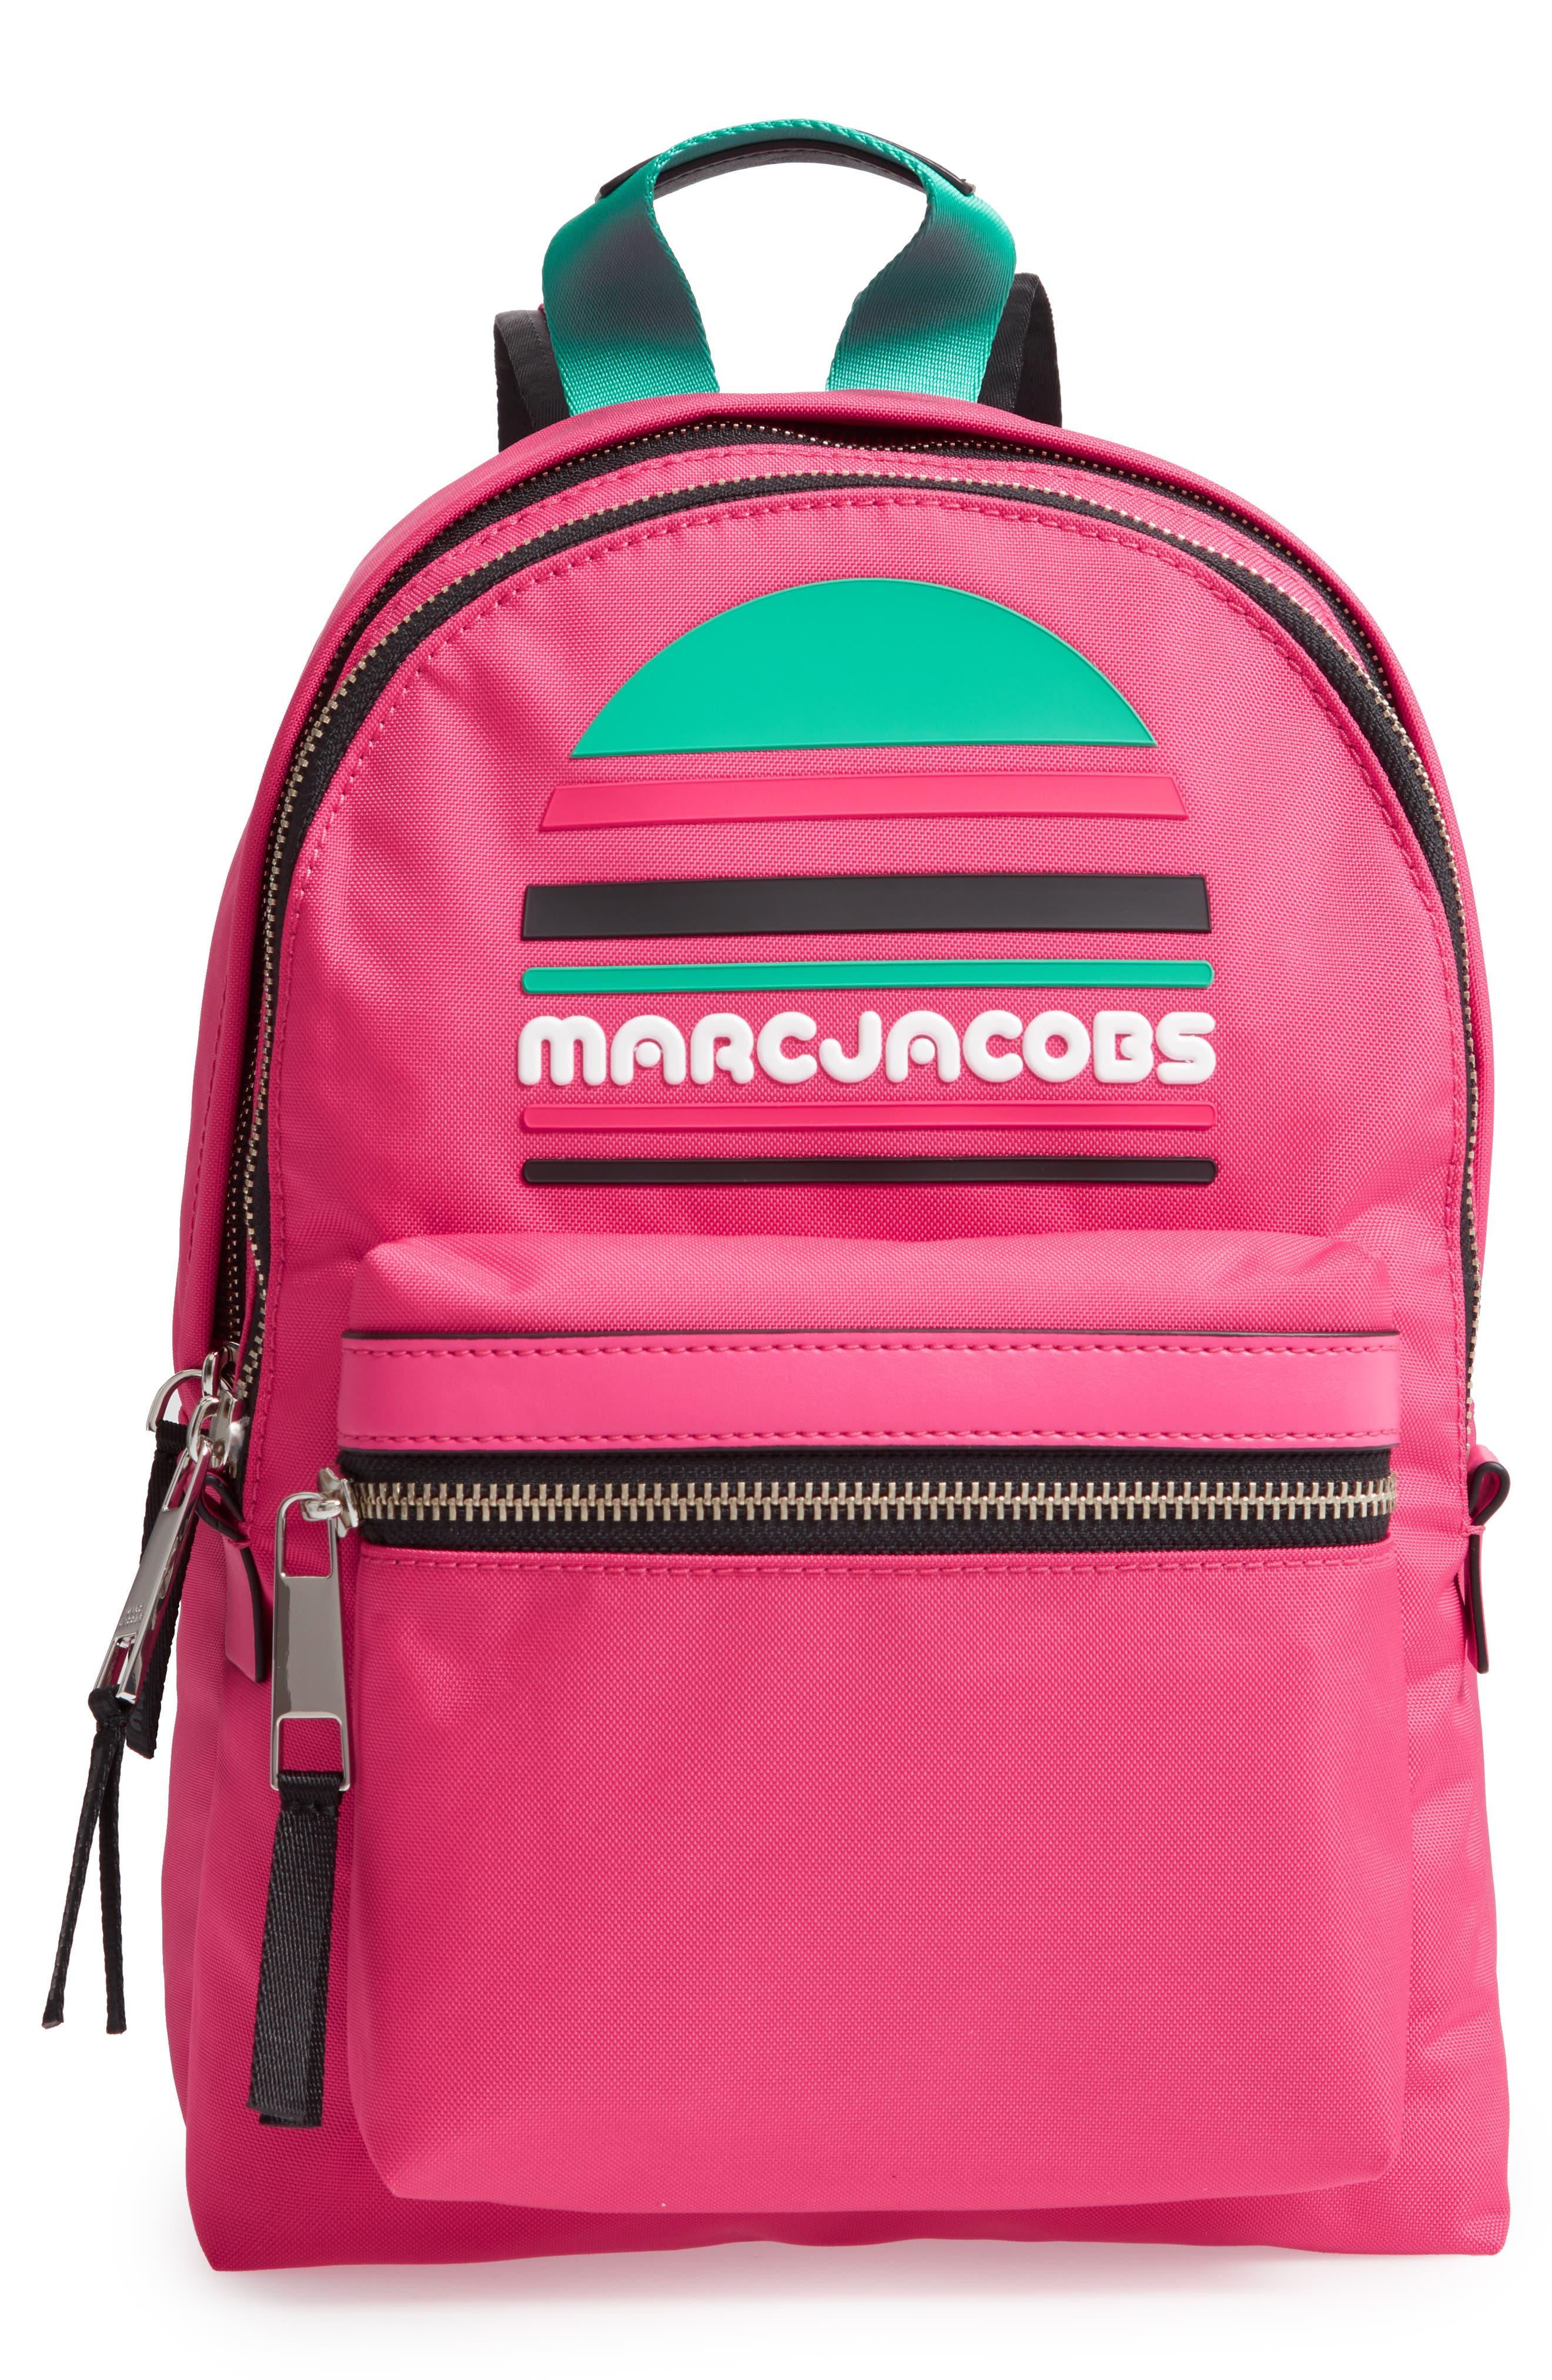 Medium Sport Trek Backpack,                             Main thumbnail 1, color,                             PEONY